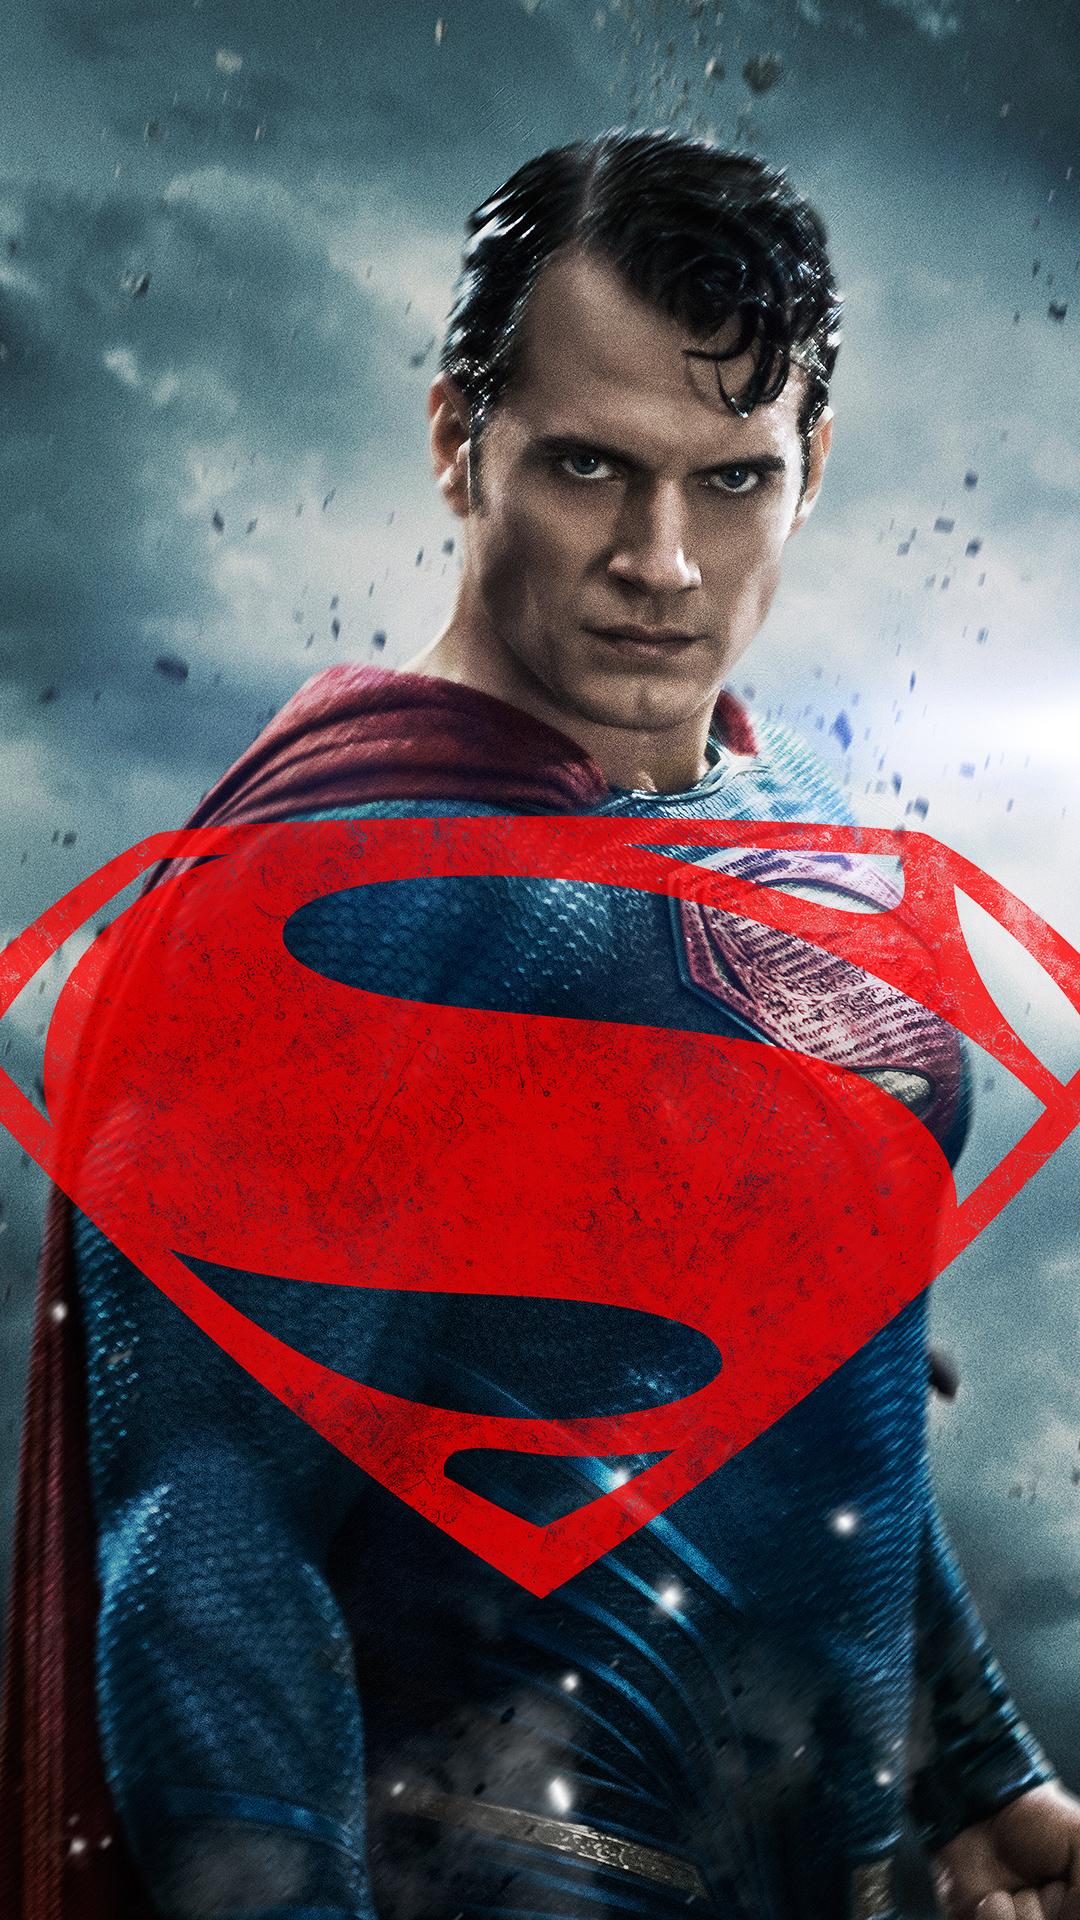 Batman vs Superman Henry Cavill Android Wallpaper download 1080x1920